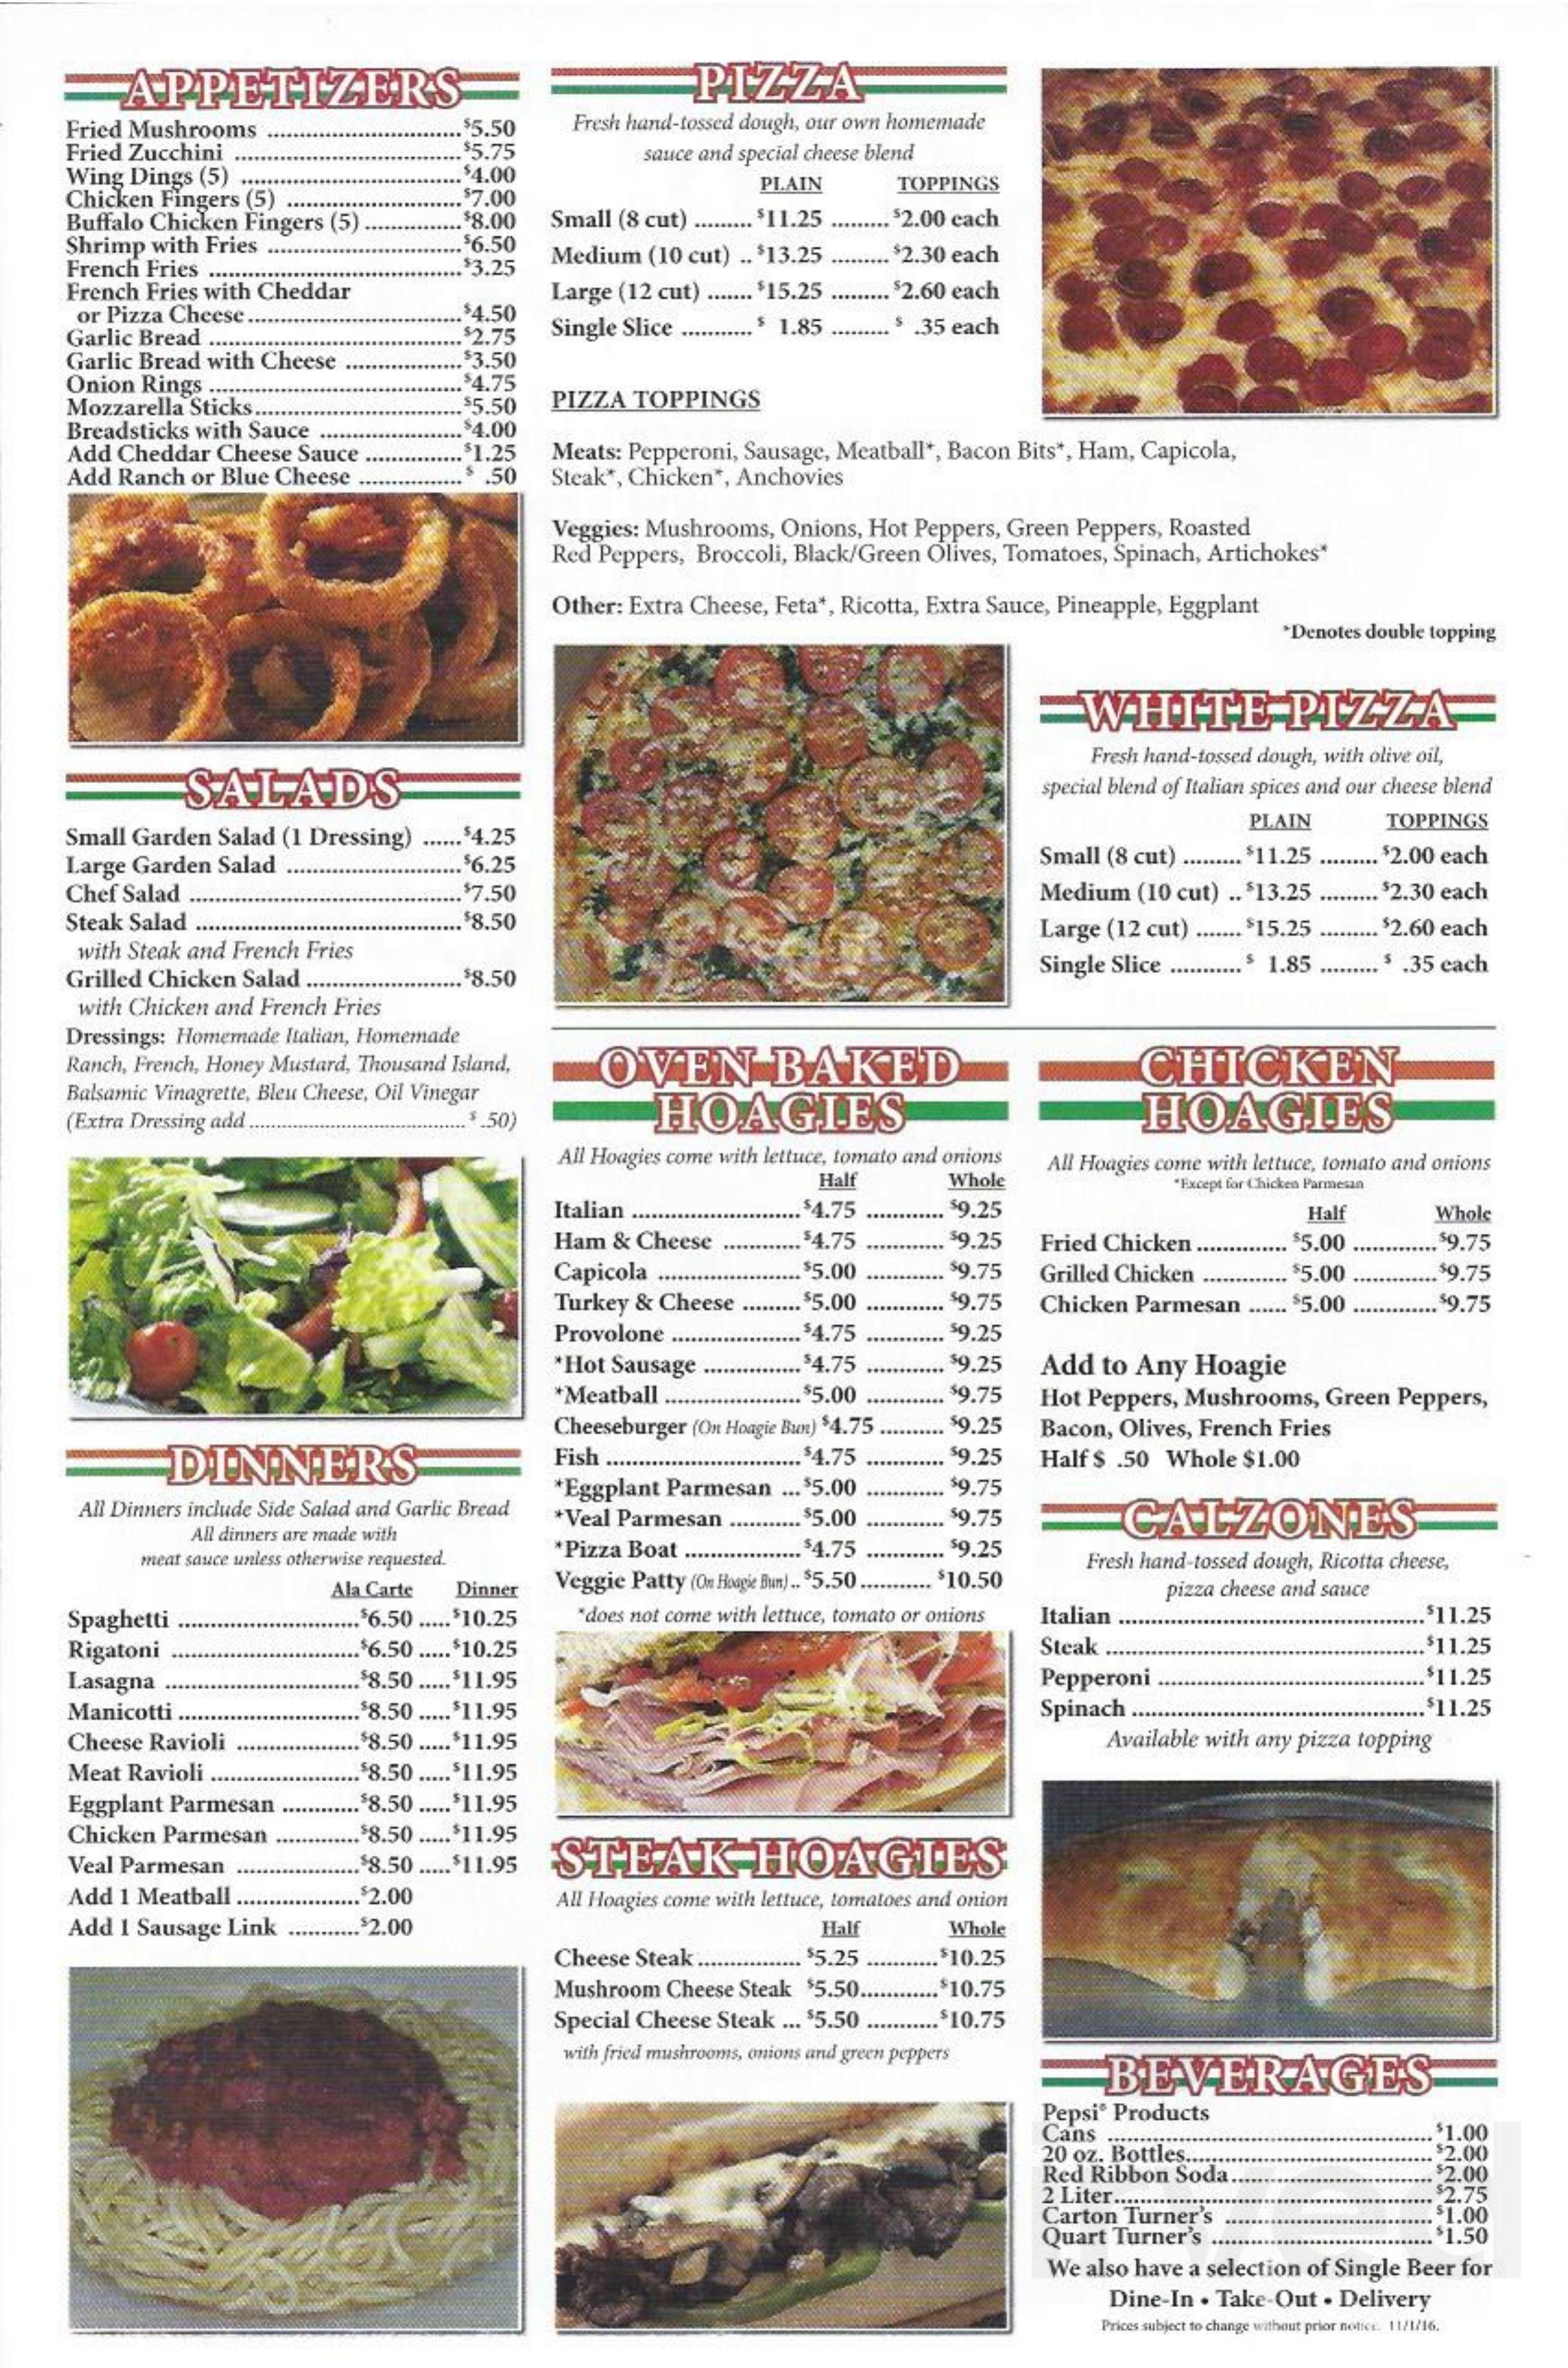 Napoli Pizzeria Menu In Pittsburgh Pennsylvania Usa